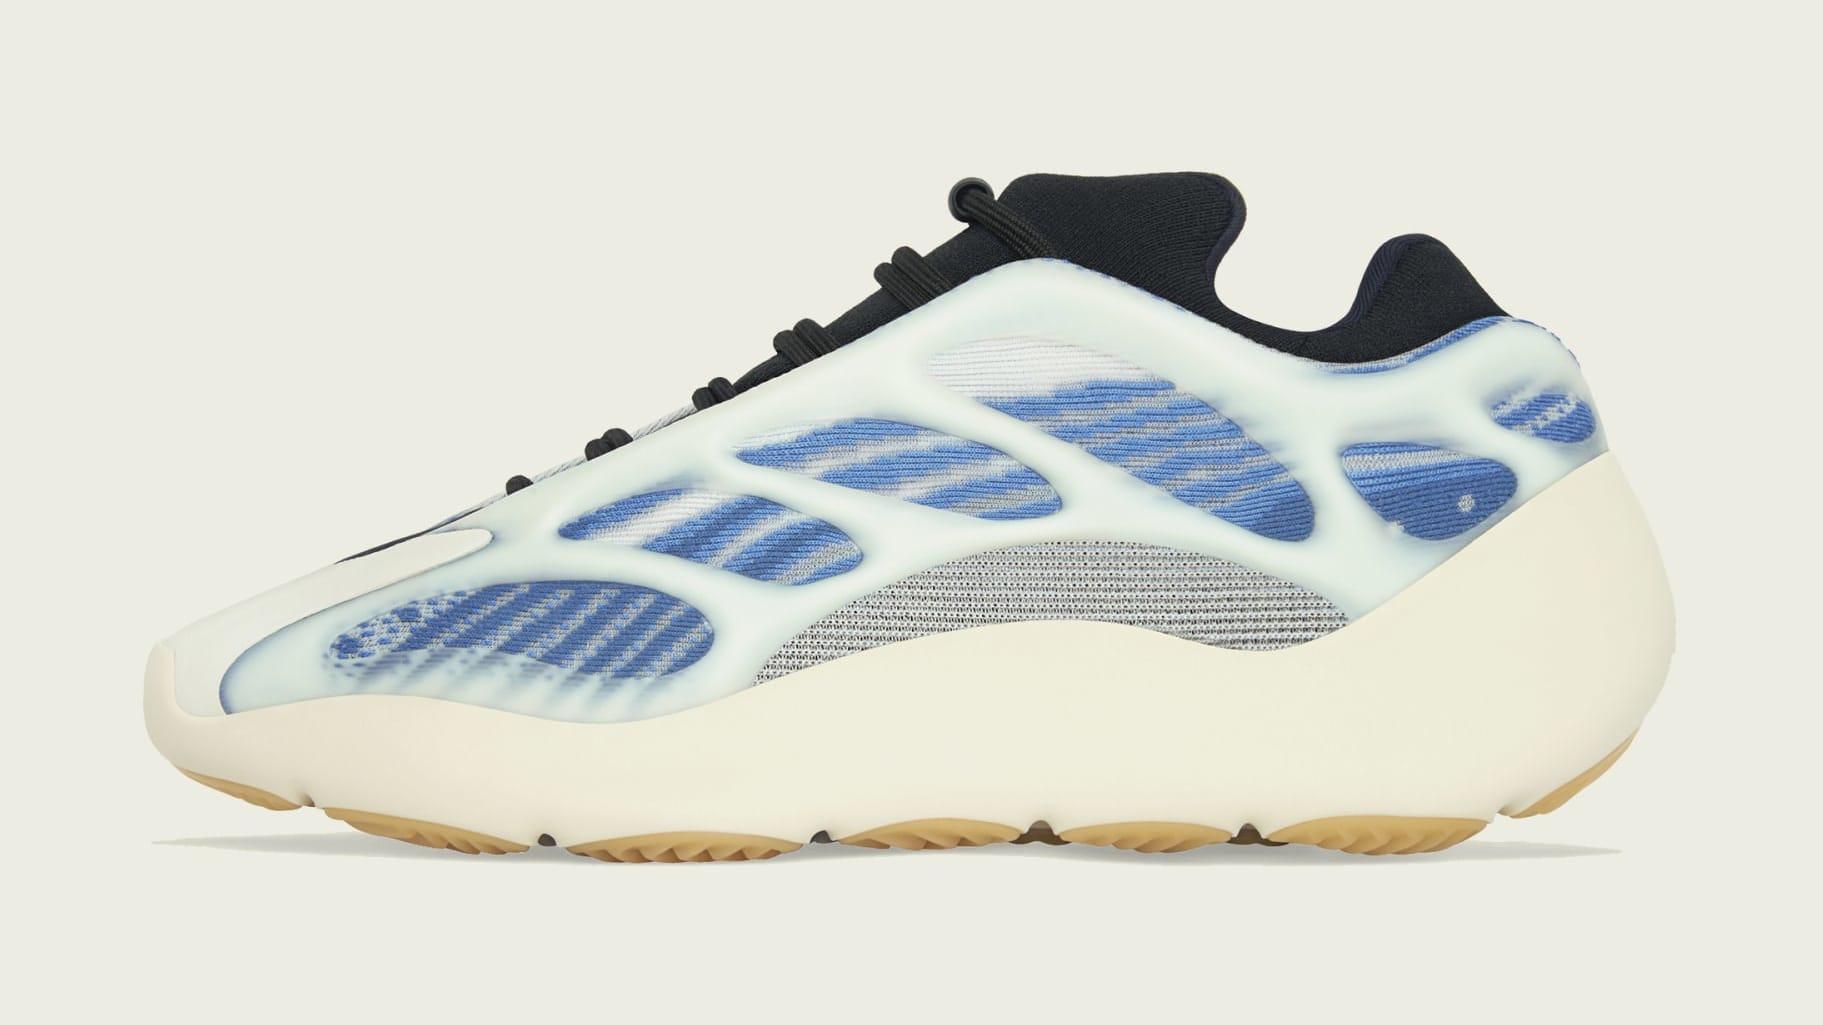 Adidas Yeezy 700 V3 'Kyanite' GY0260 Medial